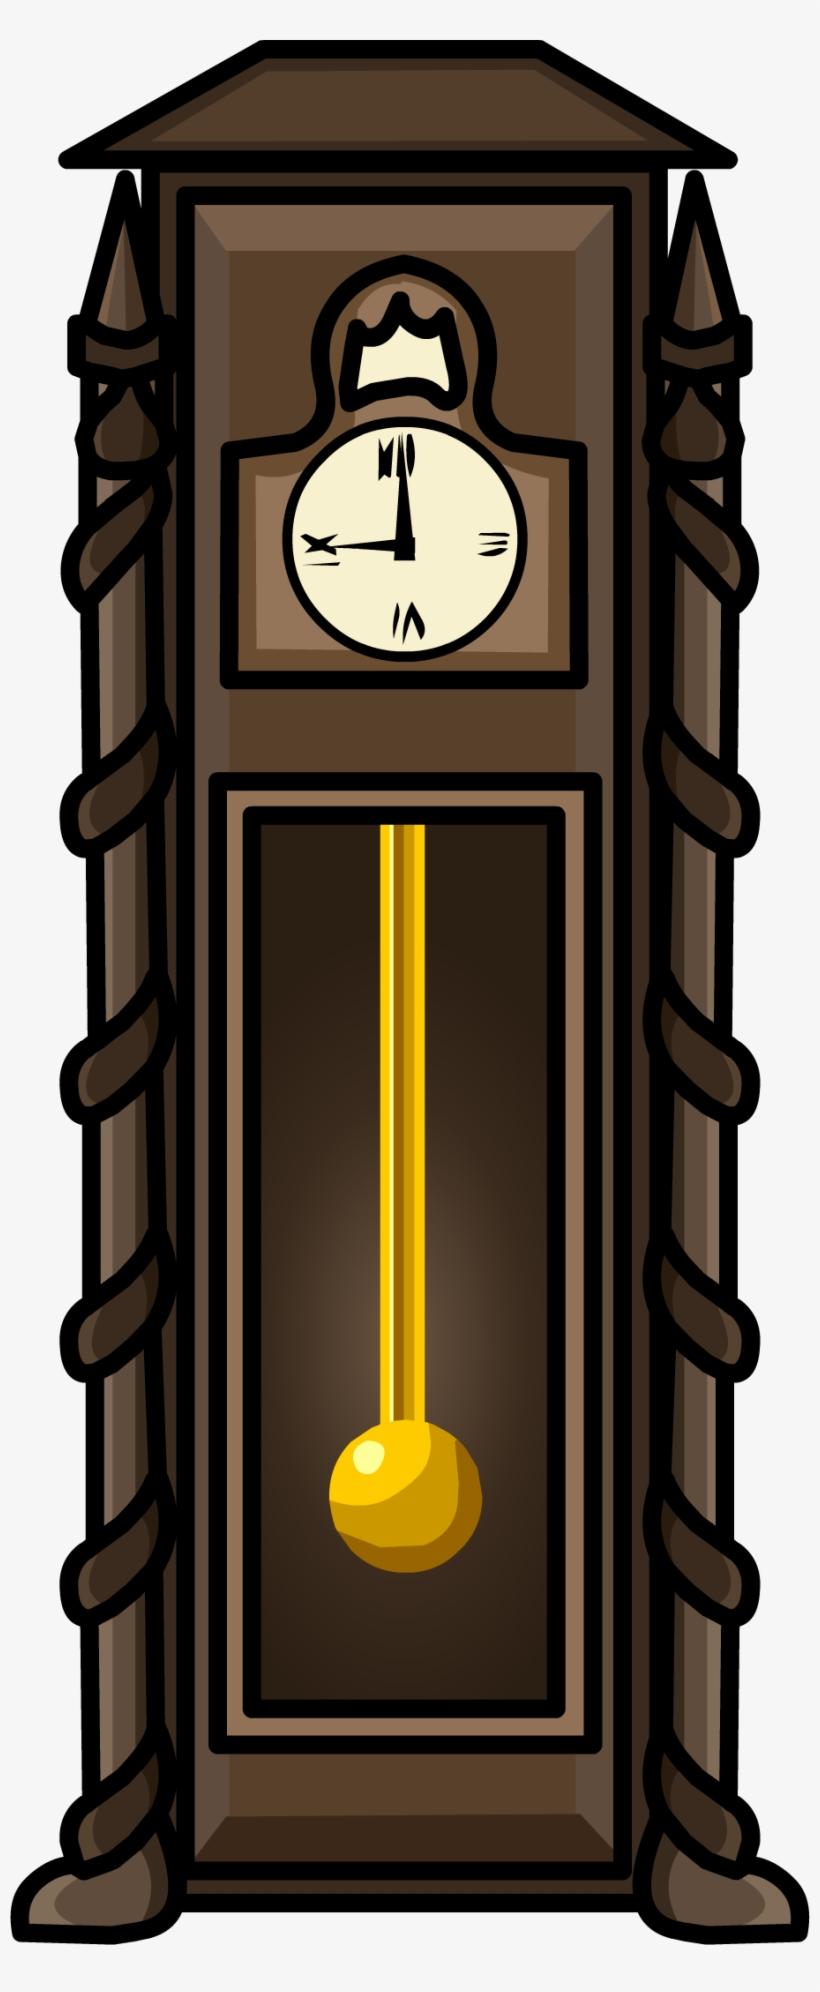 Antique Clock Furniture Icon - Club Penguin Clock, transparent png #669758